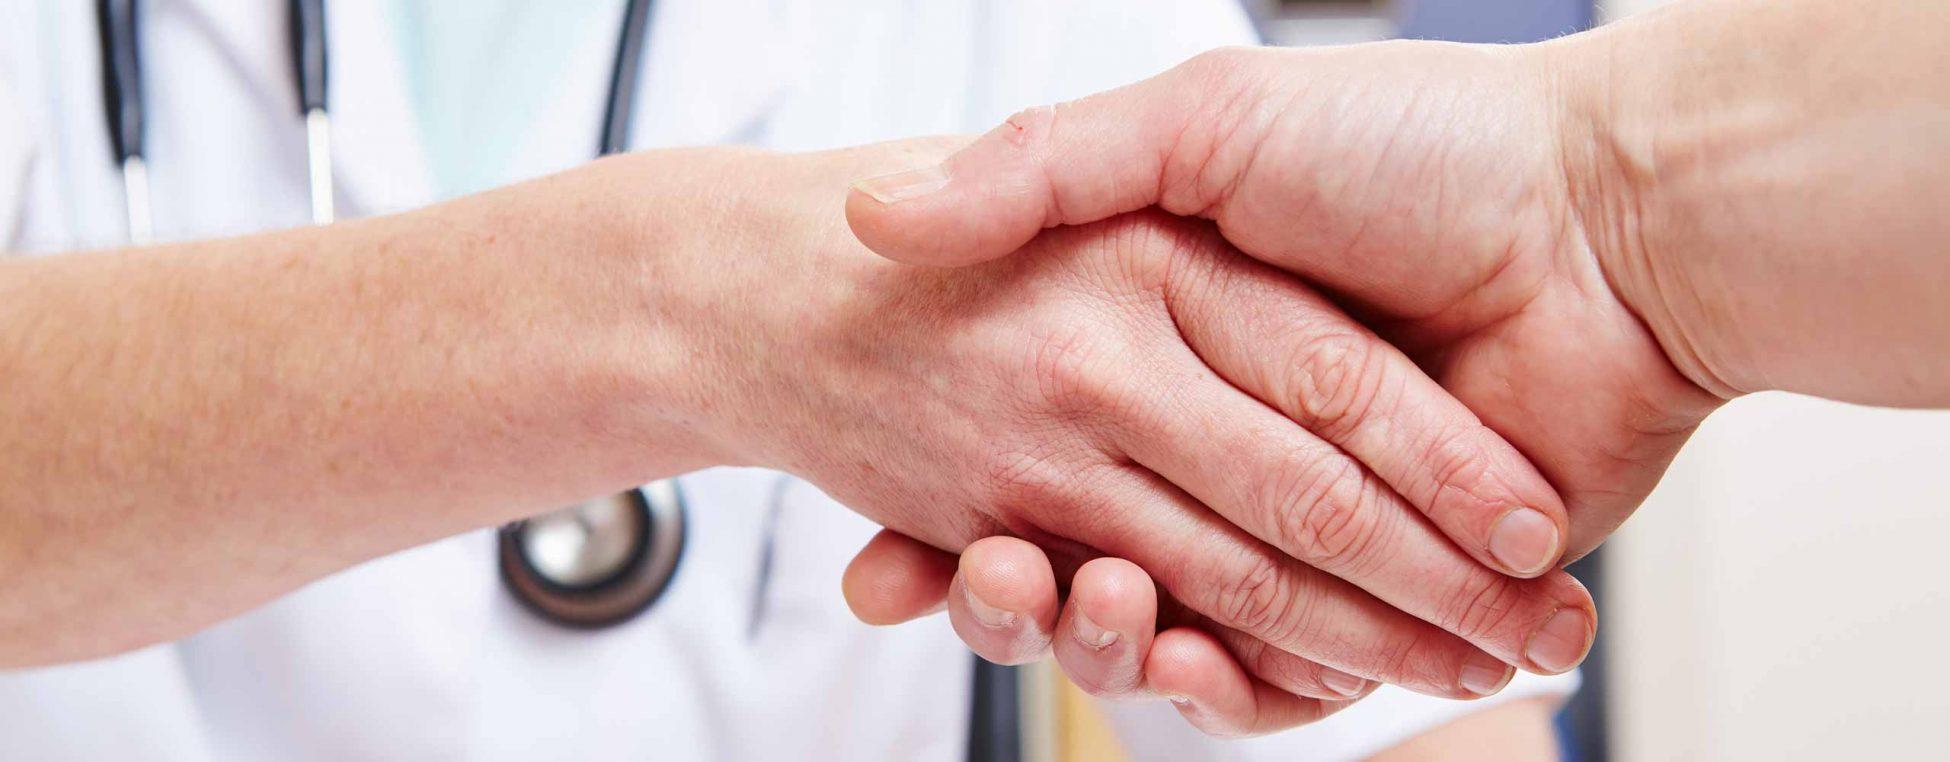 Patientenfürsprechertag - Arzt und Patient reichen sich die Hände